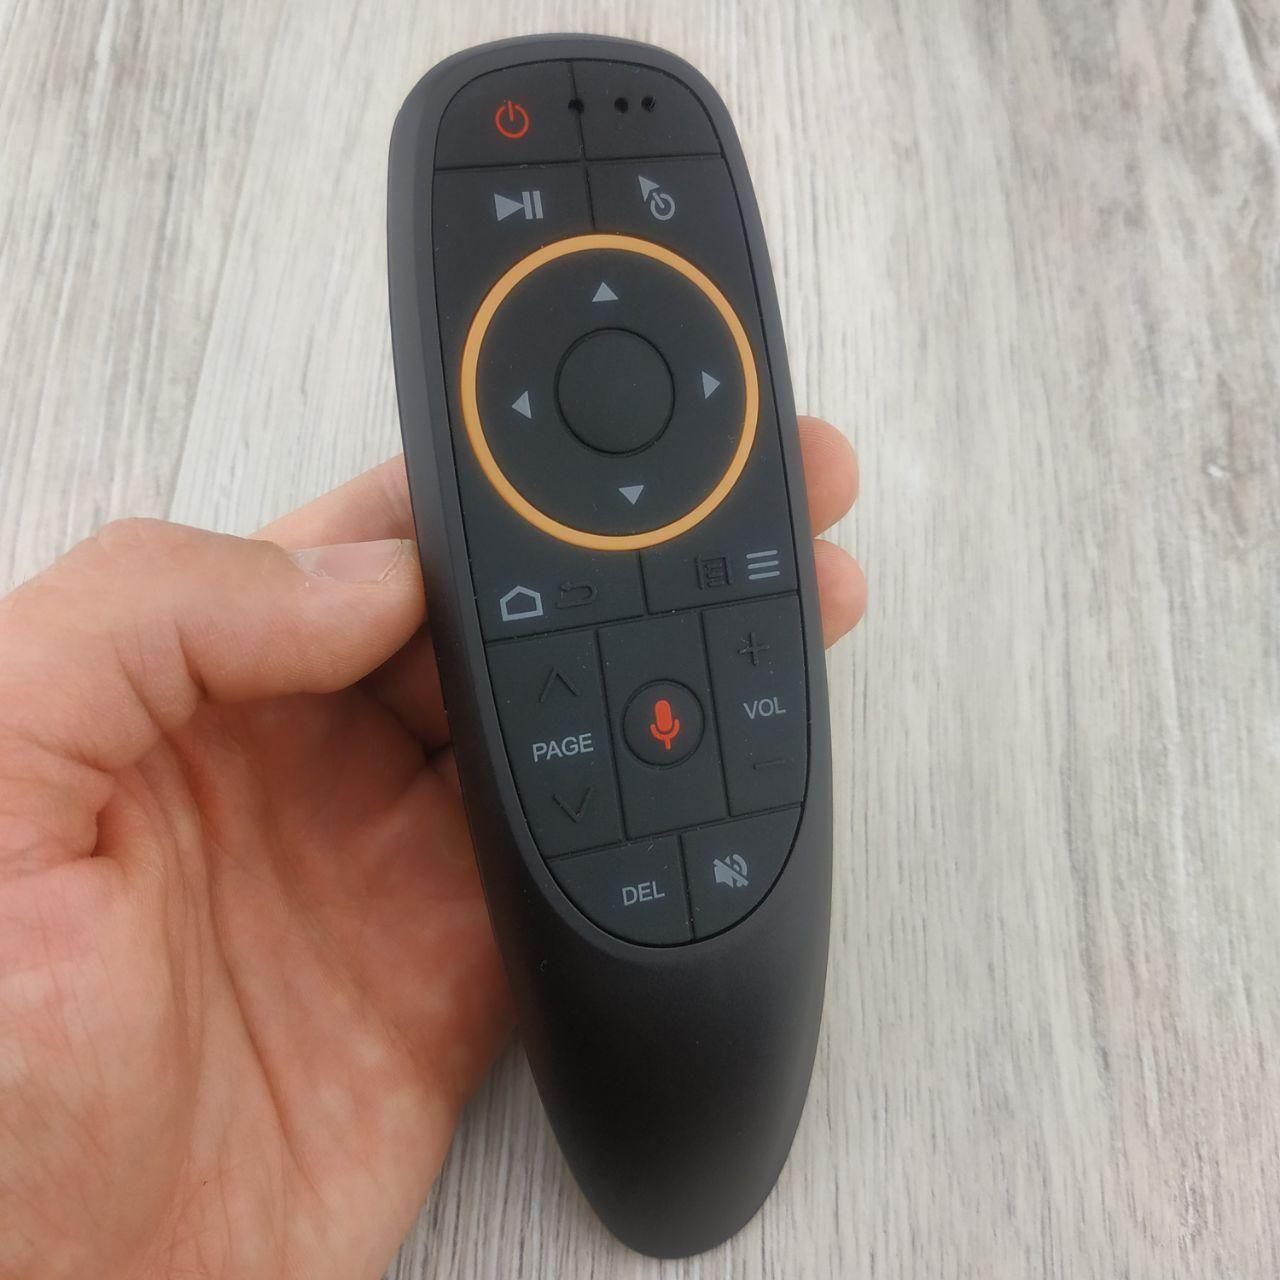 Пульт Аэромышь Air mouse G10S USB 2.4Ghz с голосовым управлением беспроводная указка